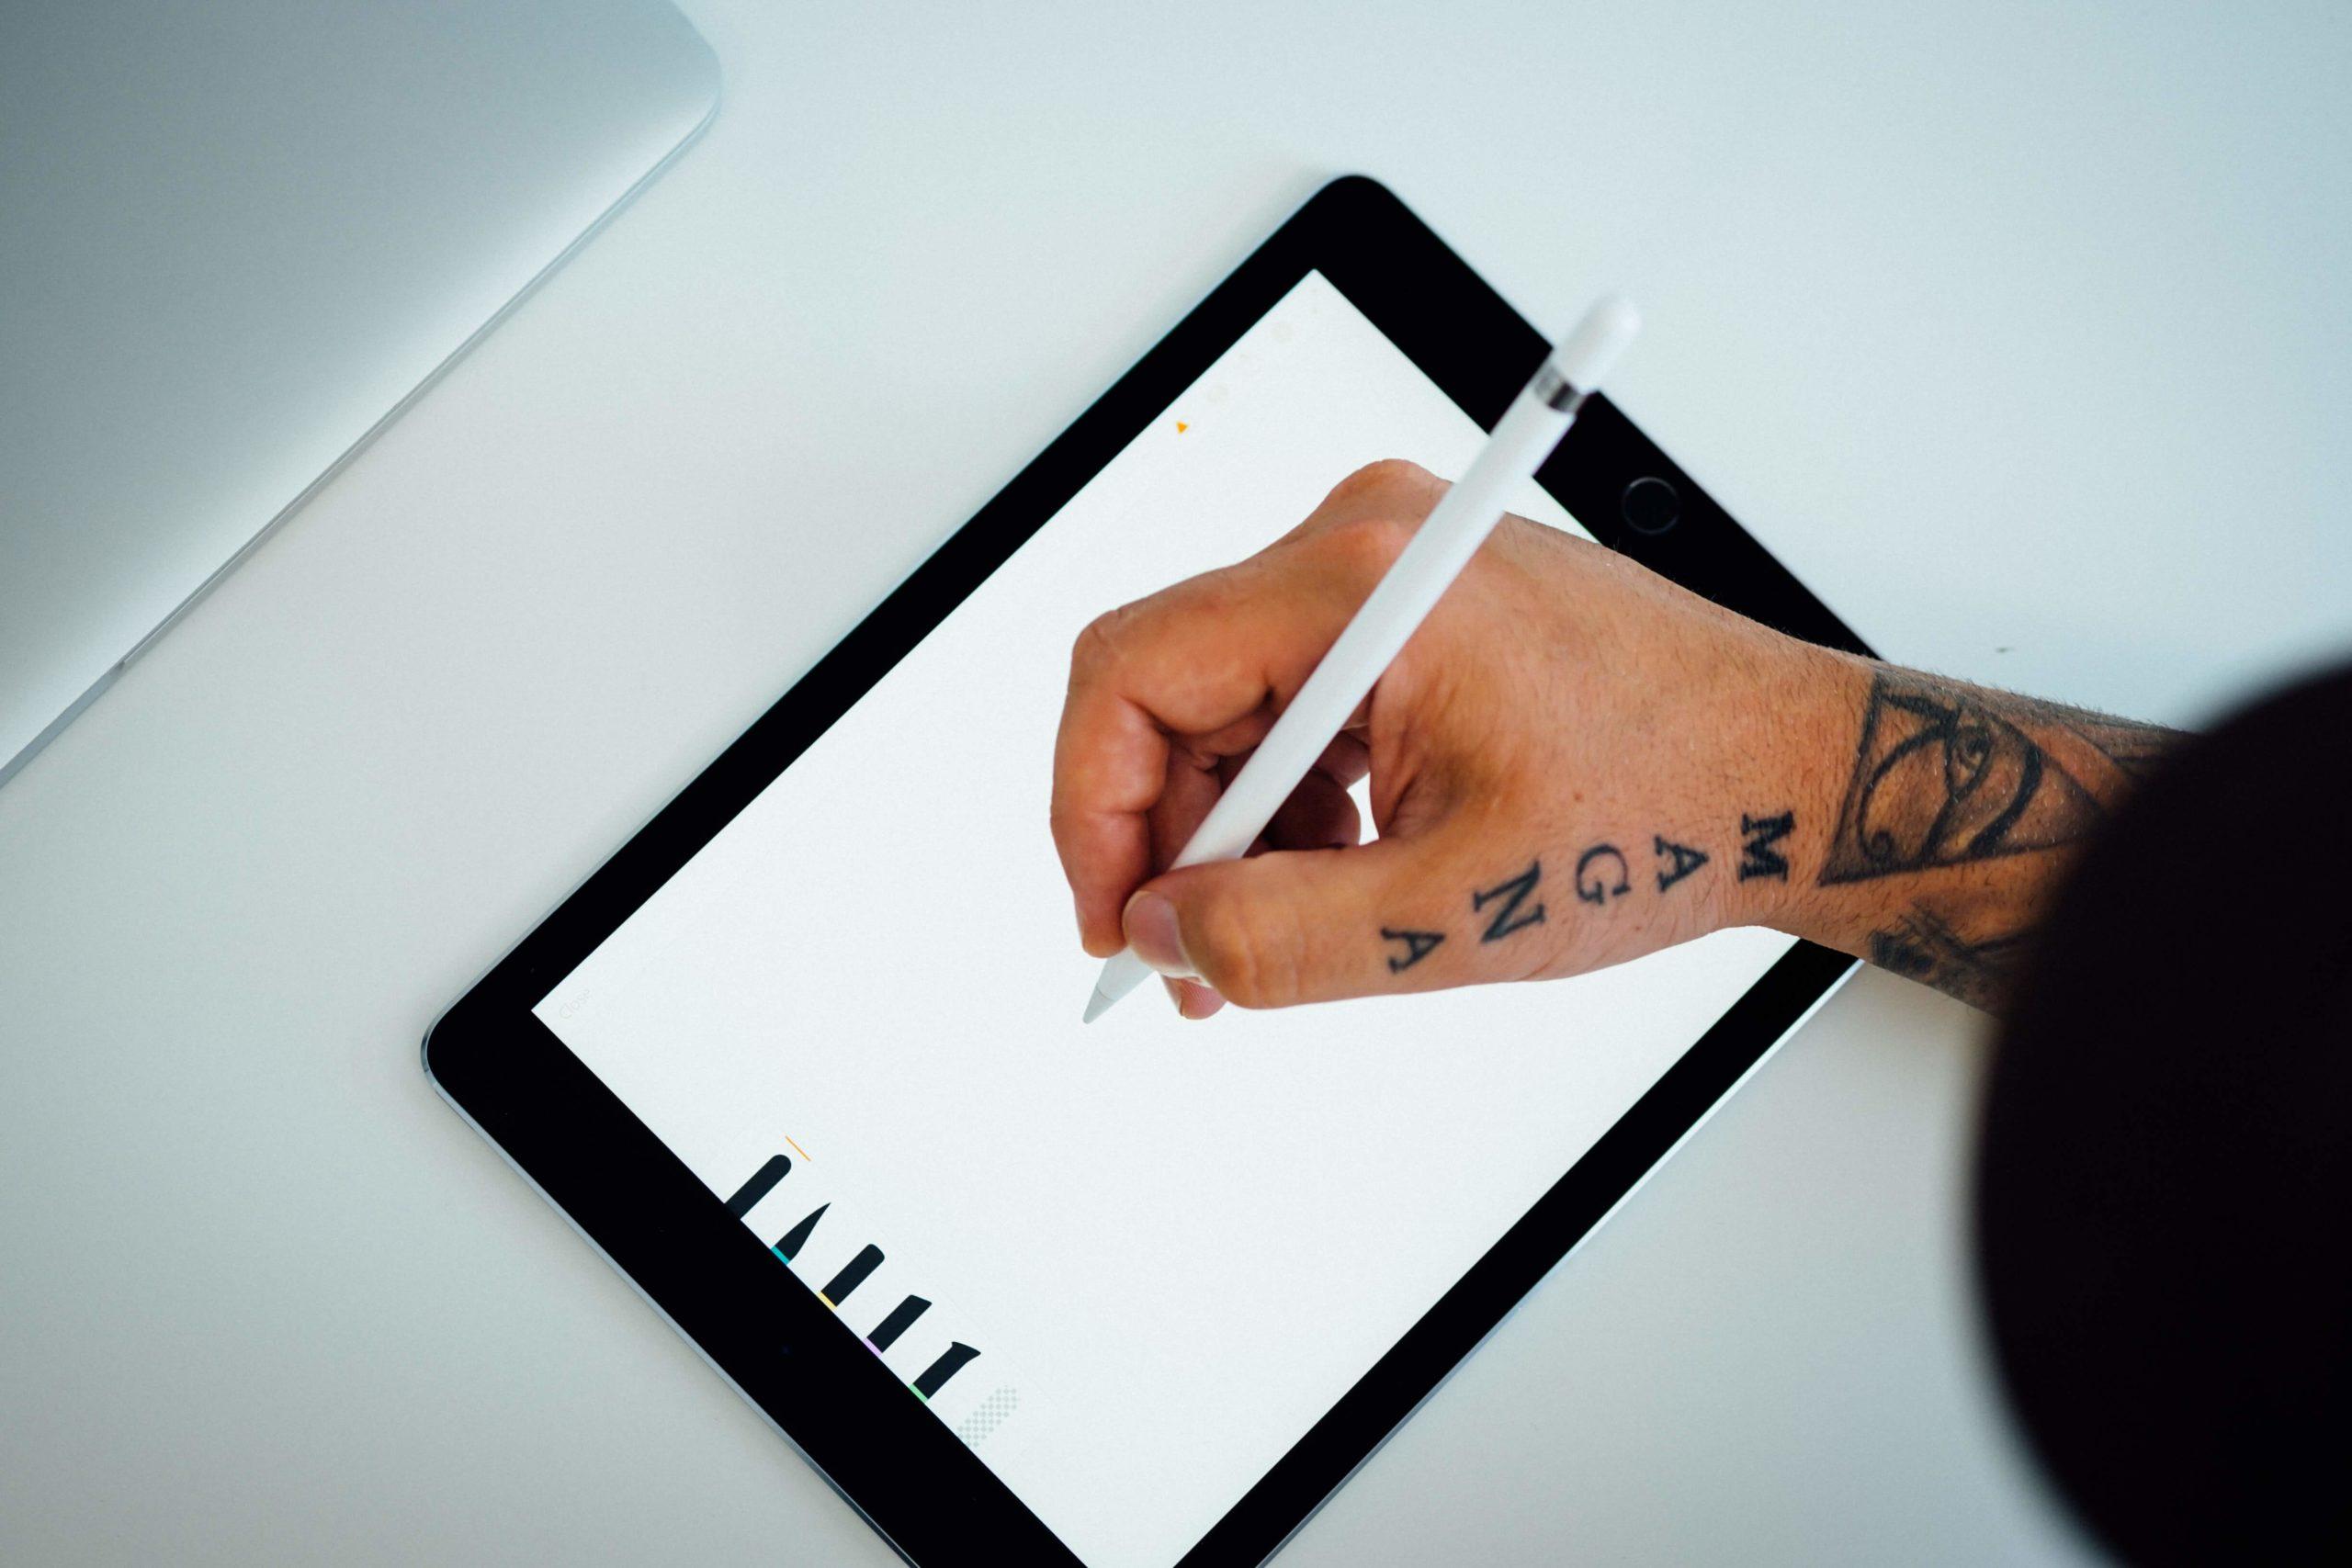 Ipad Pro Apple pencilクリエイター向け